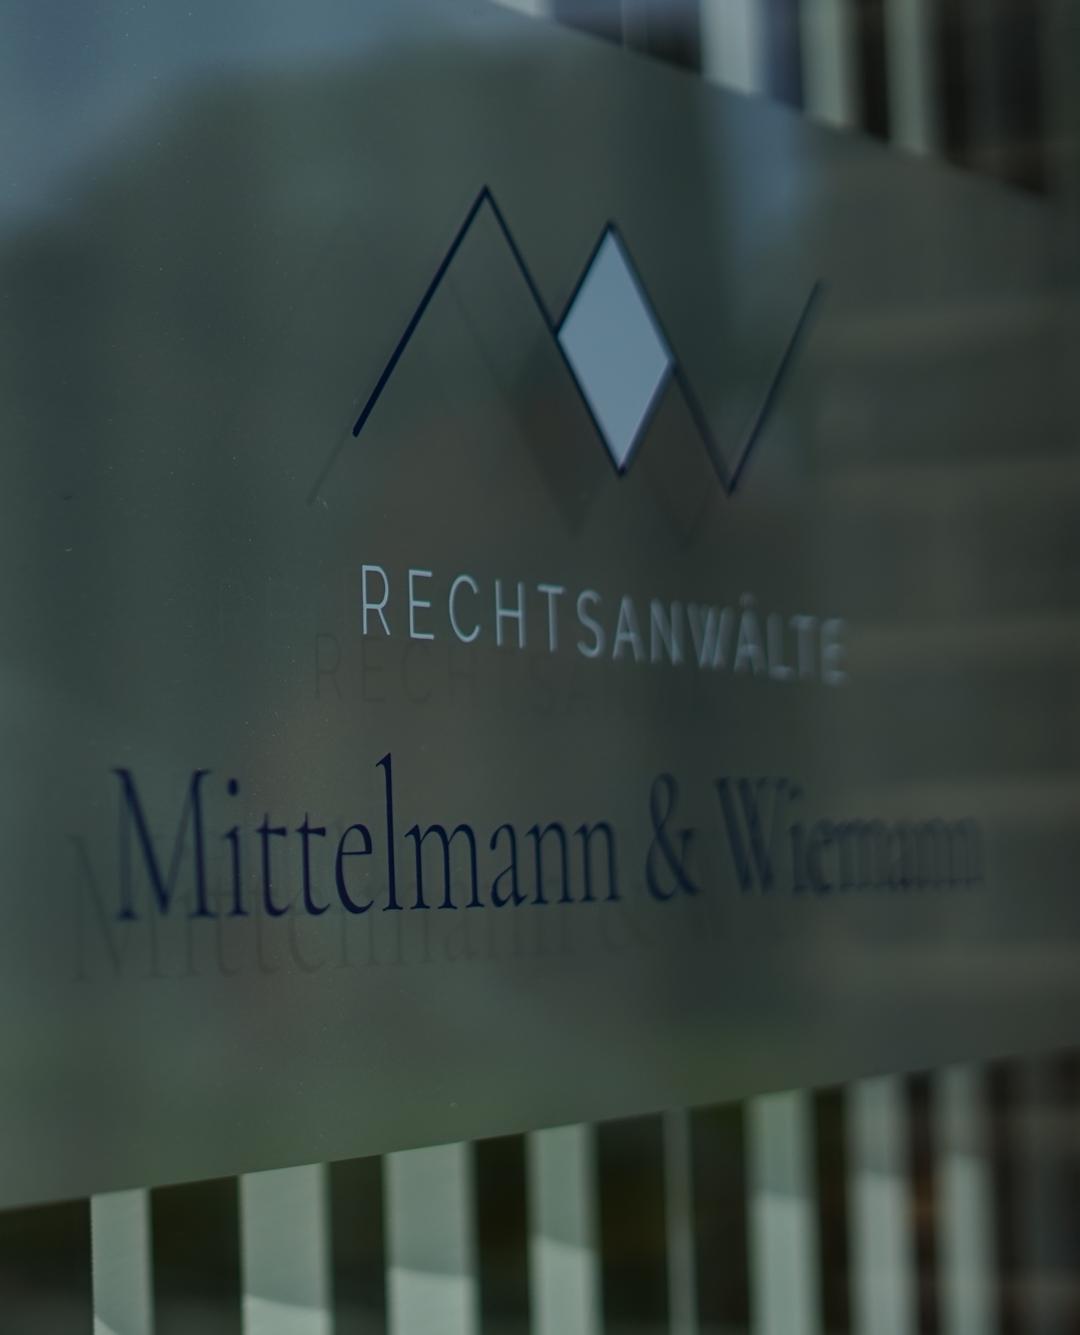 Fenster der Kanzlei Mittelmann und Wiemann